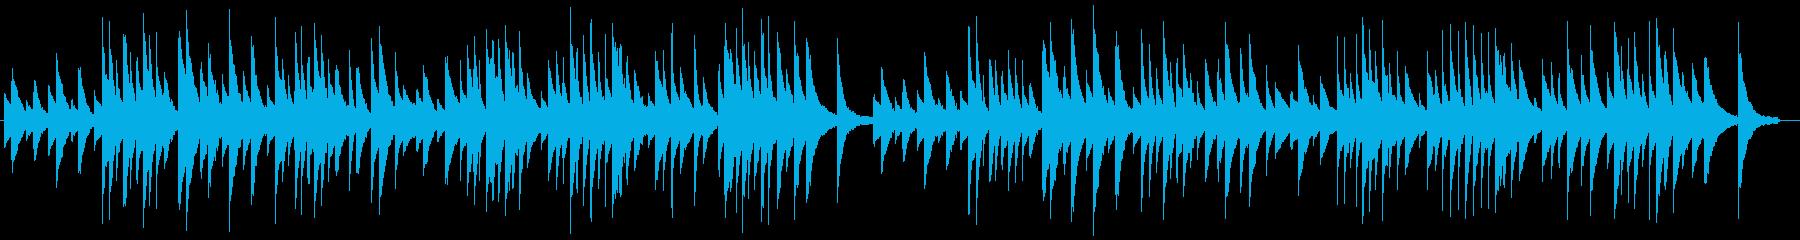 サティ ジムノペディ【高品質ピアノ音源】の再生済みの波形